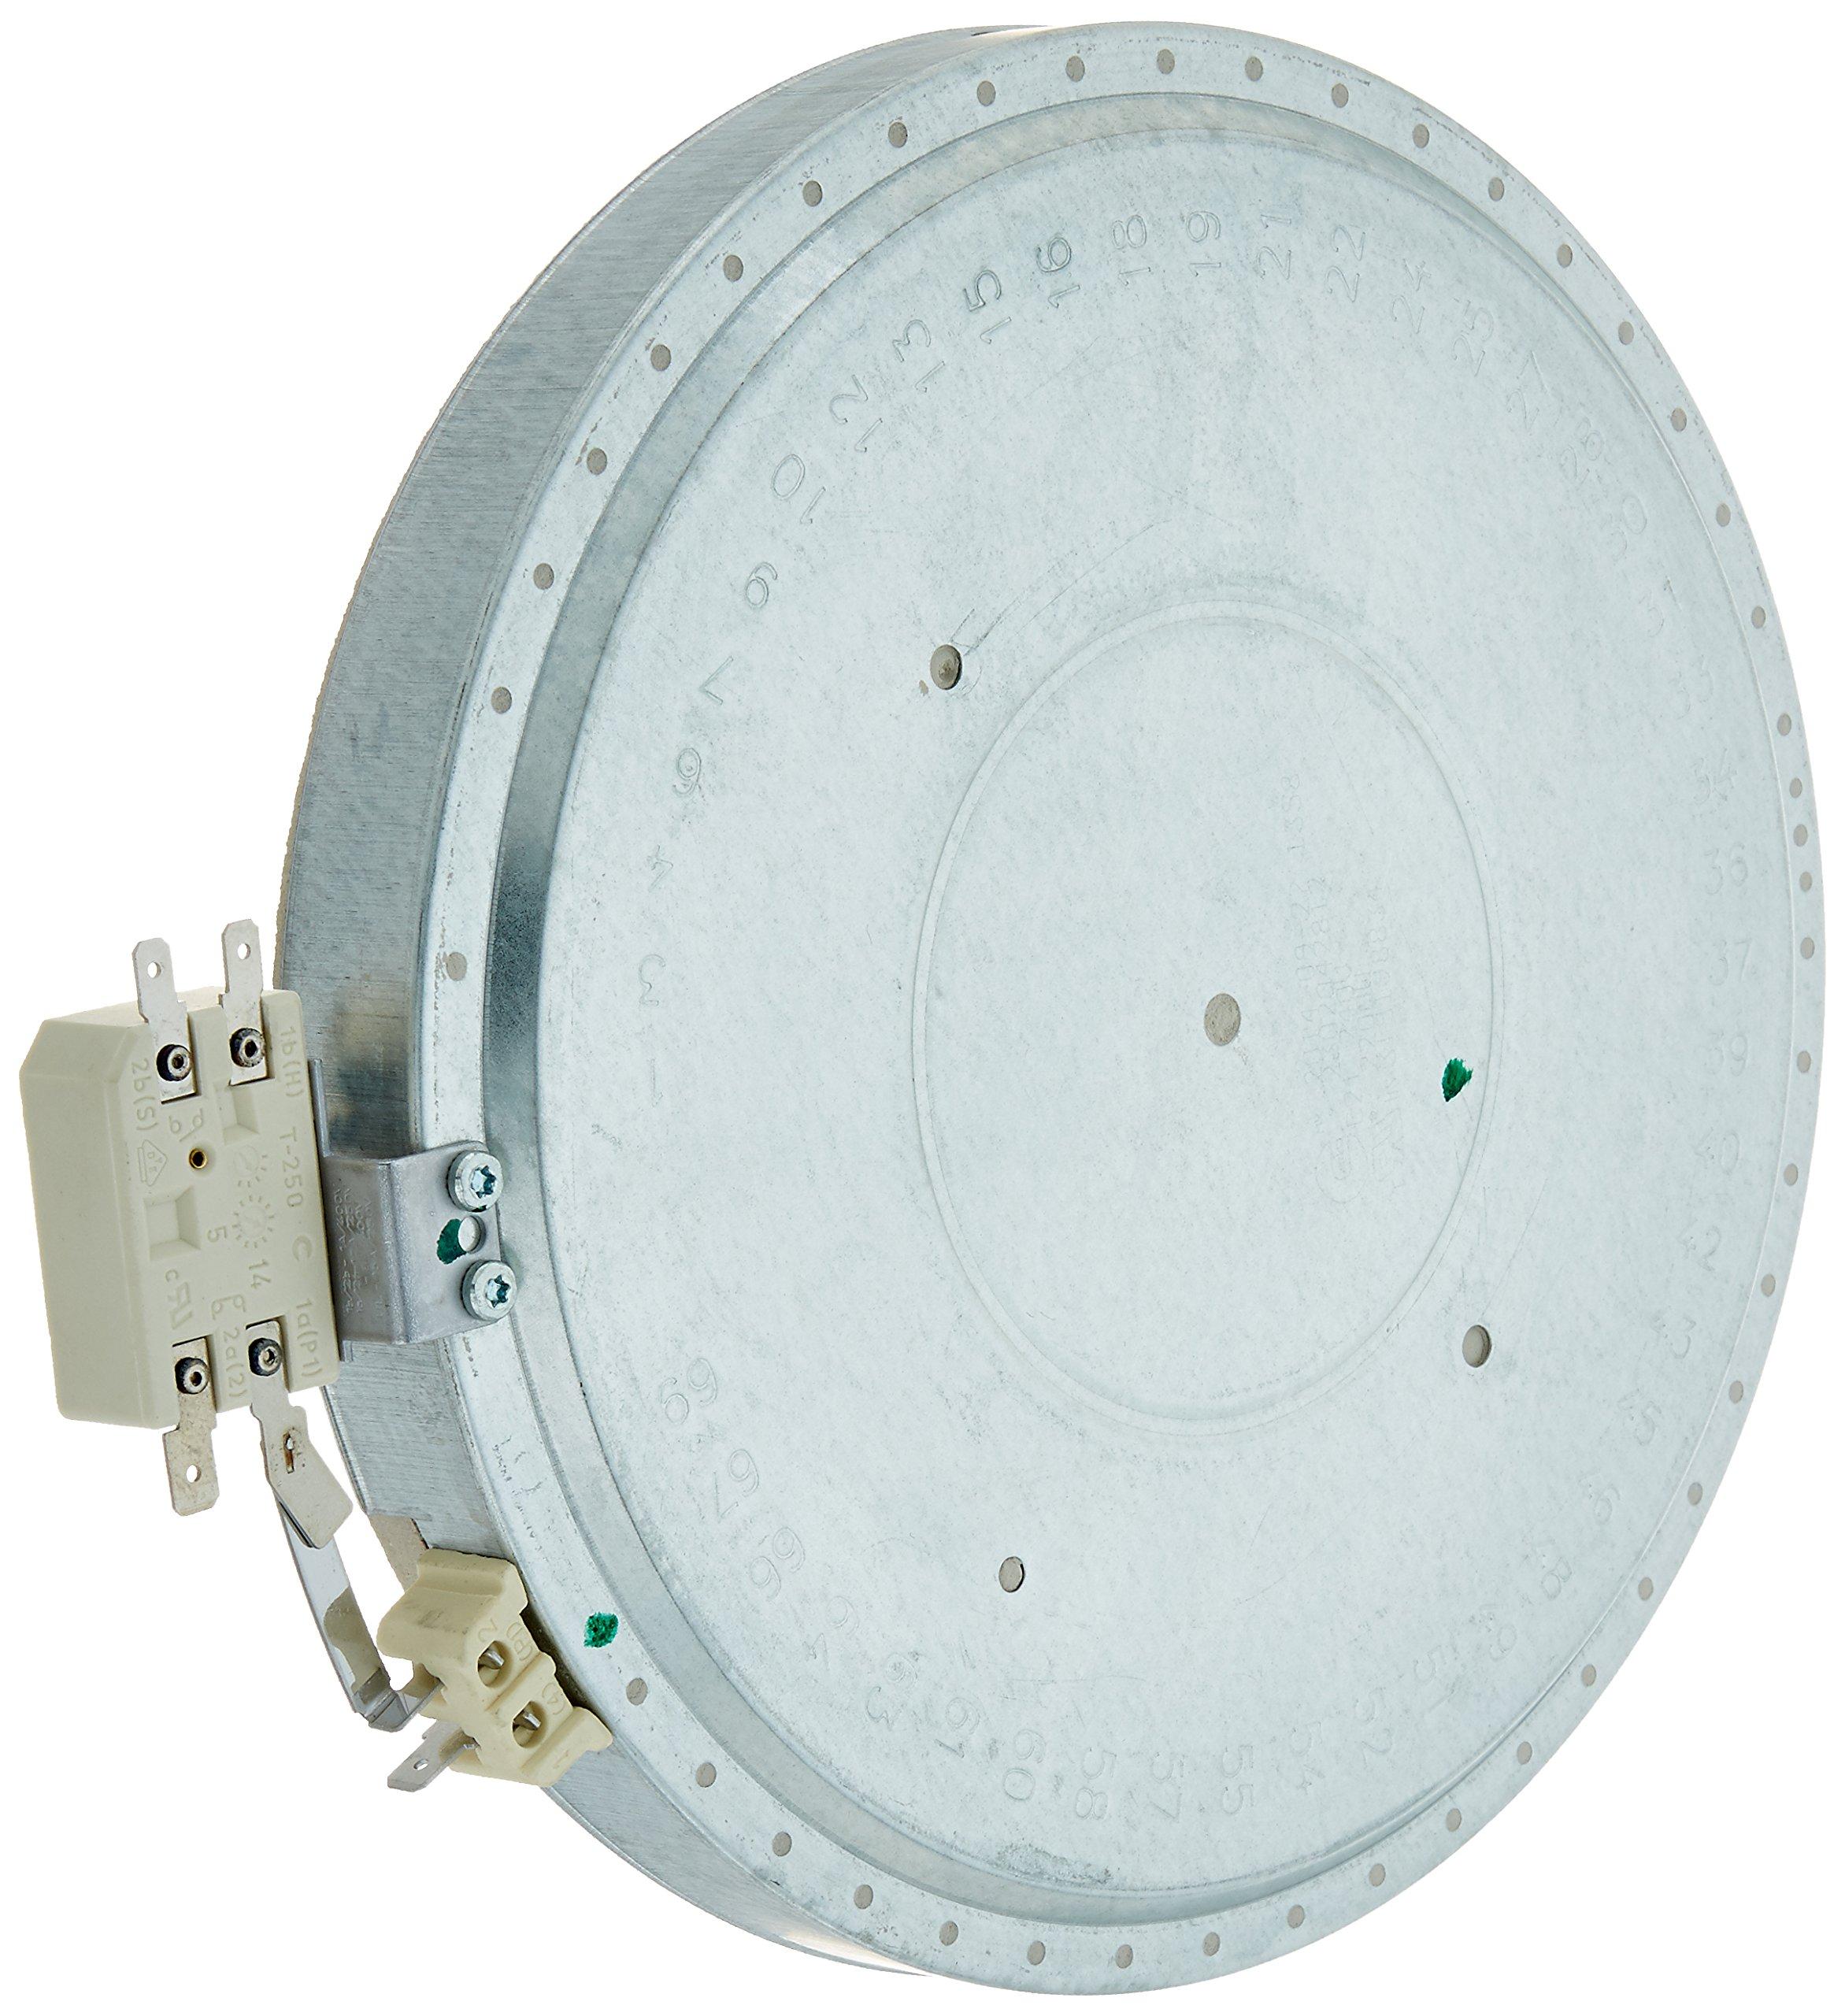 Frigidaire 318198834 Range/Stove/Oven Radiant Surface Element